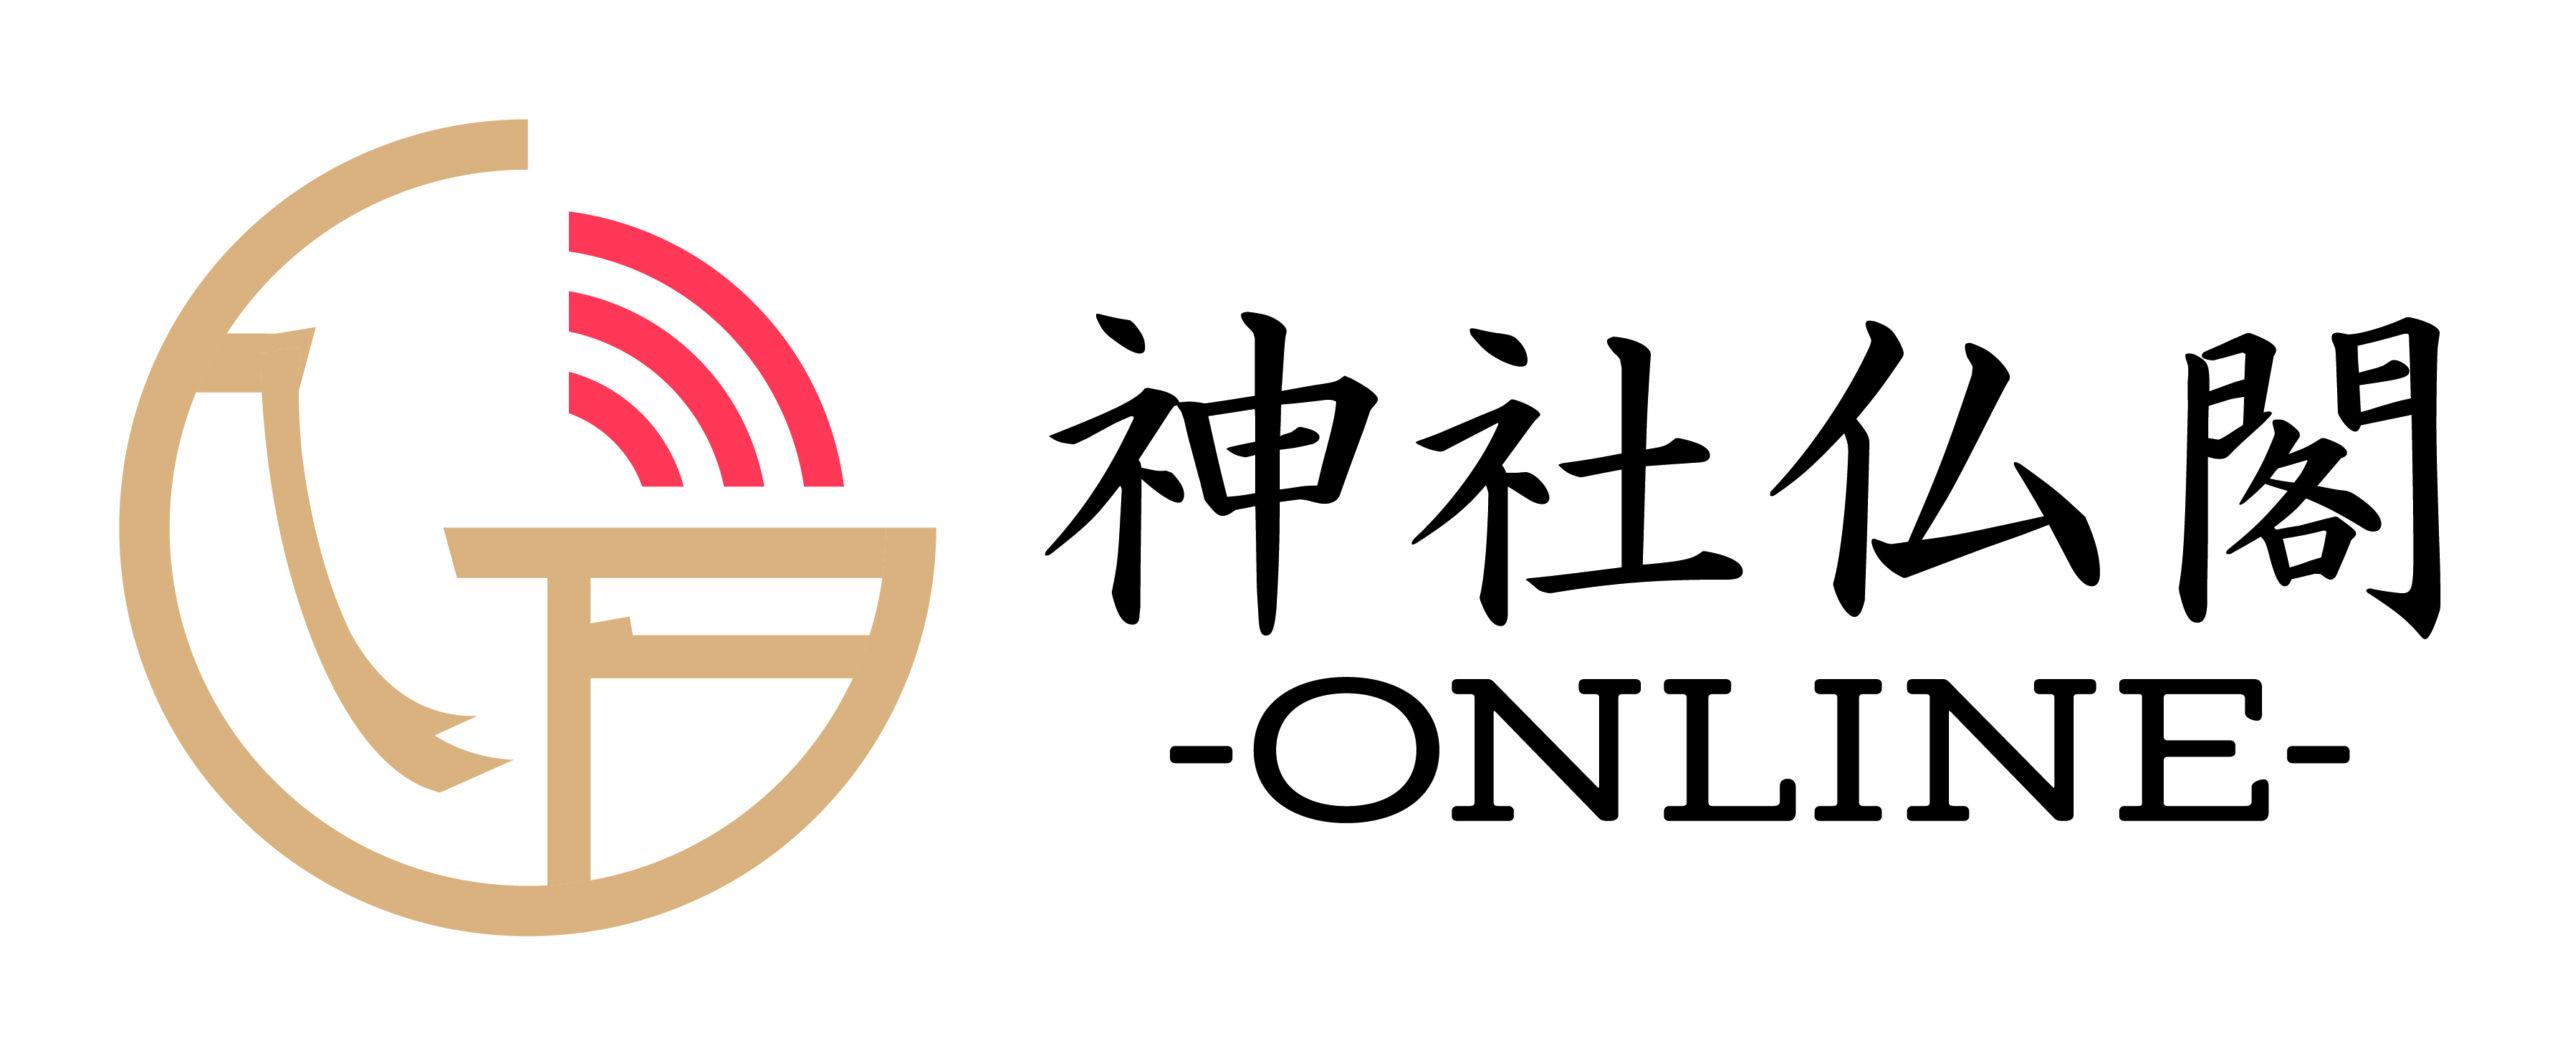 神社仏閣ONLINE